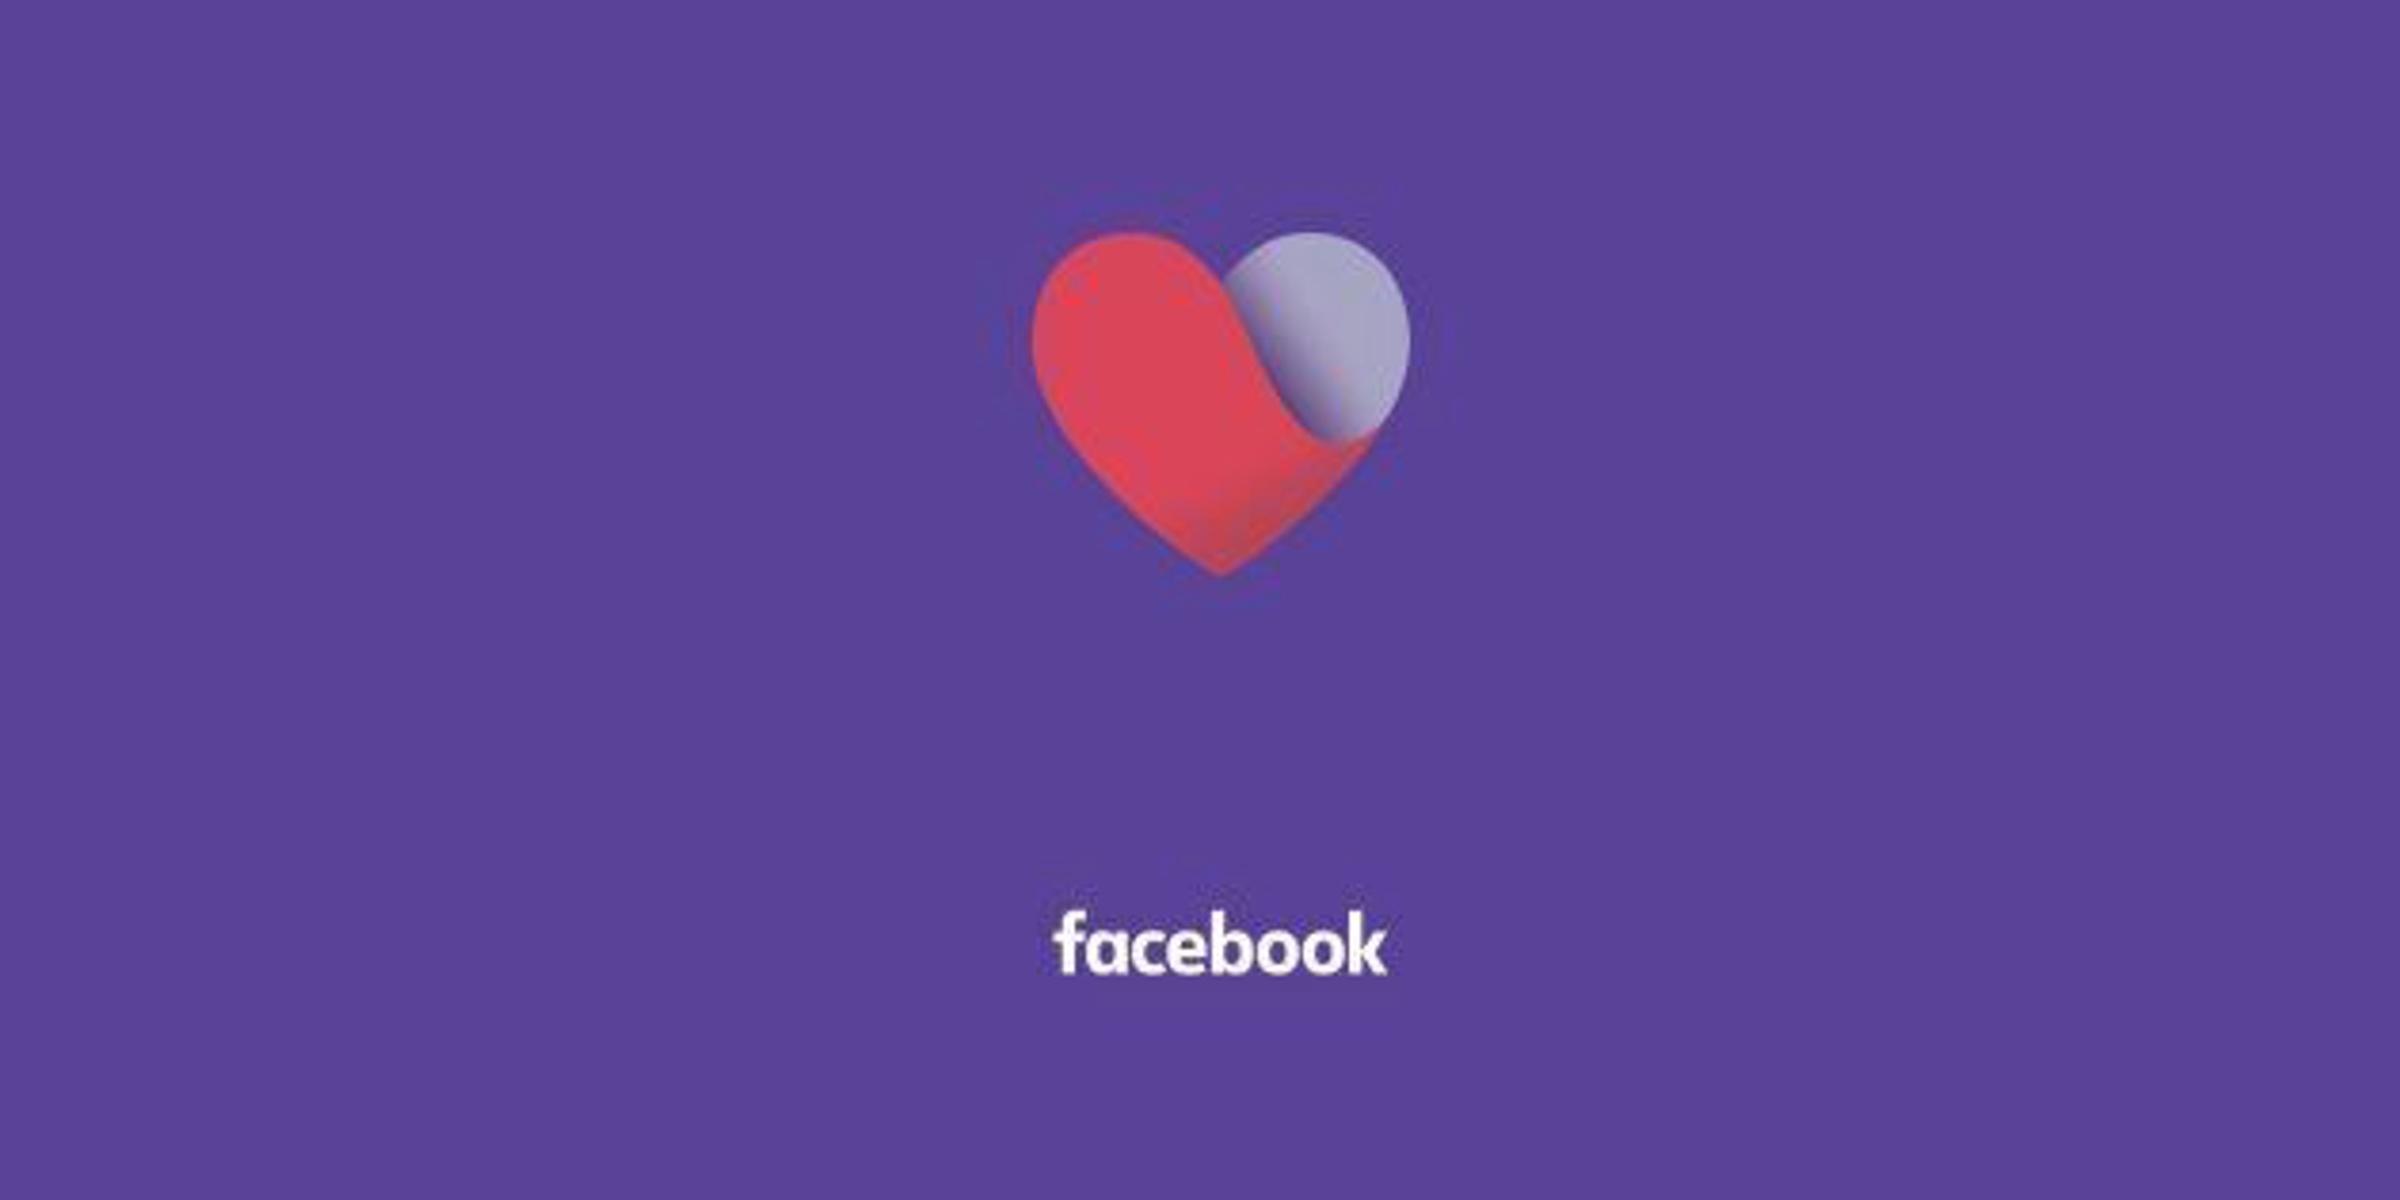 Βρείτε το ταίρι σας στο Facebook – Πως θα λειτουργεί η νέα υπηρεσία